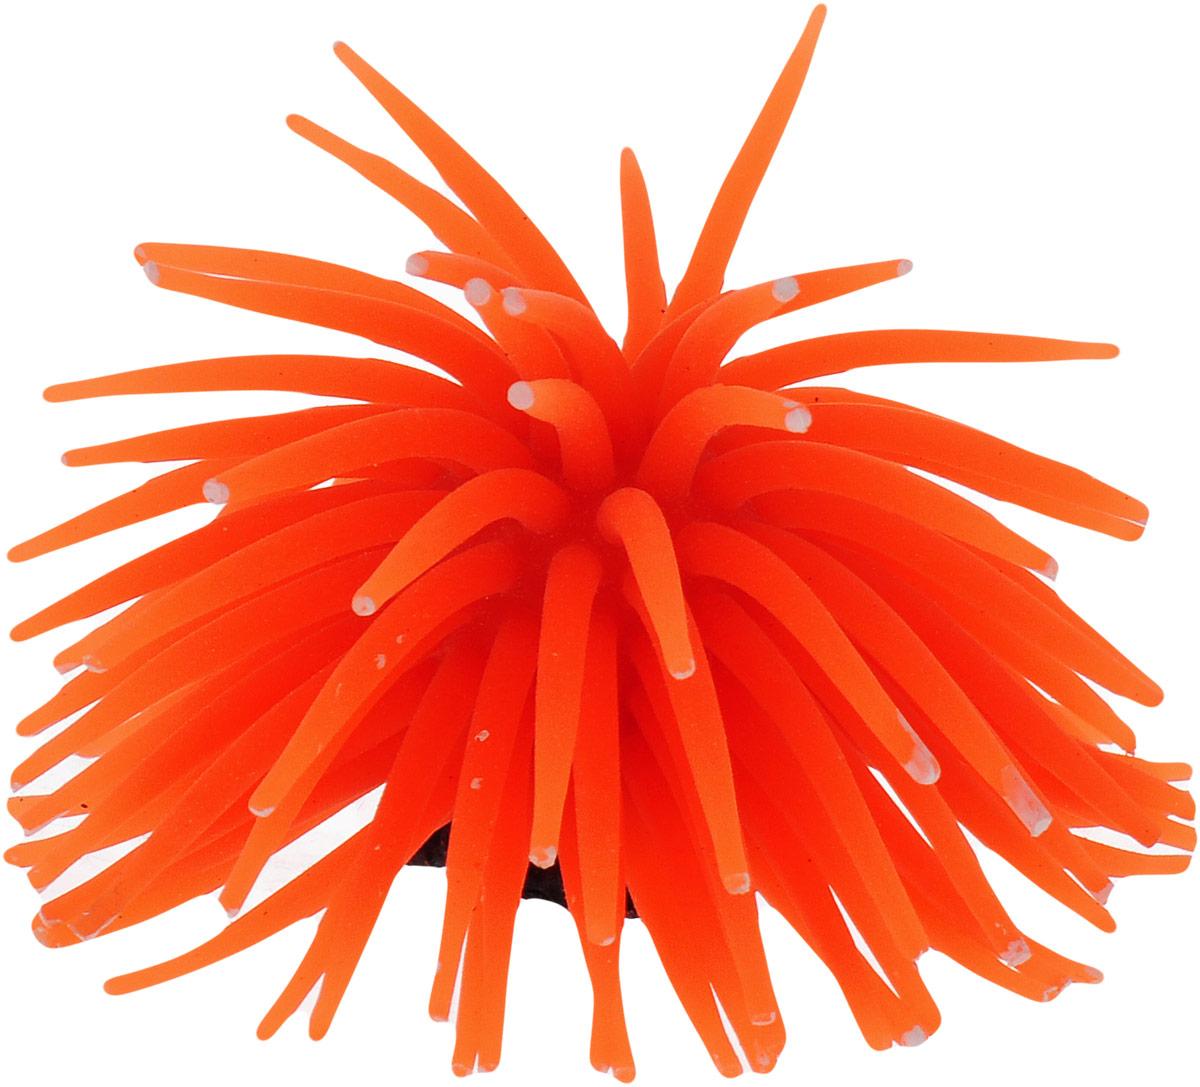 Коралл для аквариума Уют Разноцветные щупальца, силиконовый, цвет: оранжевый, 8 х 8 х 7 см распылитель воздуха для аквариума barbus белый корундовый 1 8 х 1 8 х 5 см